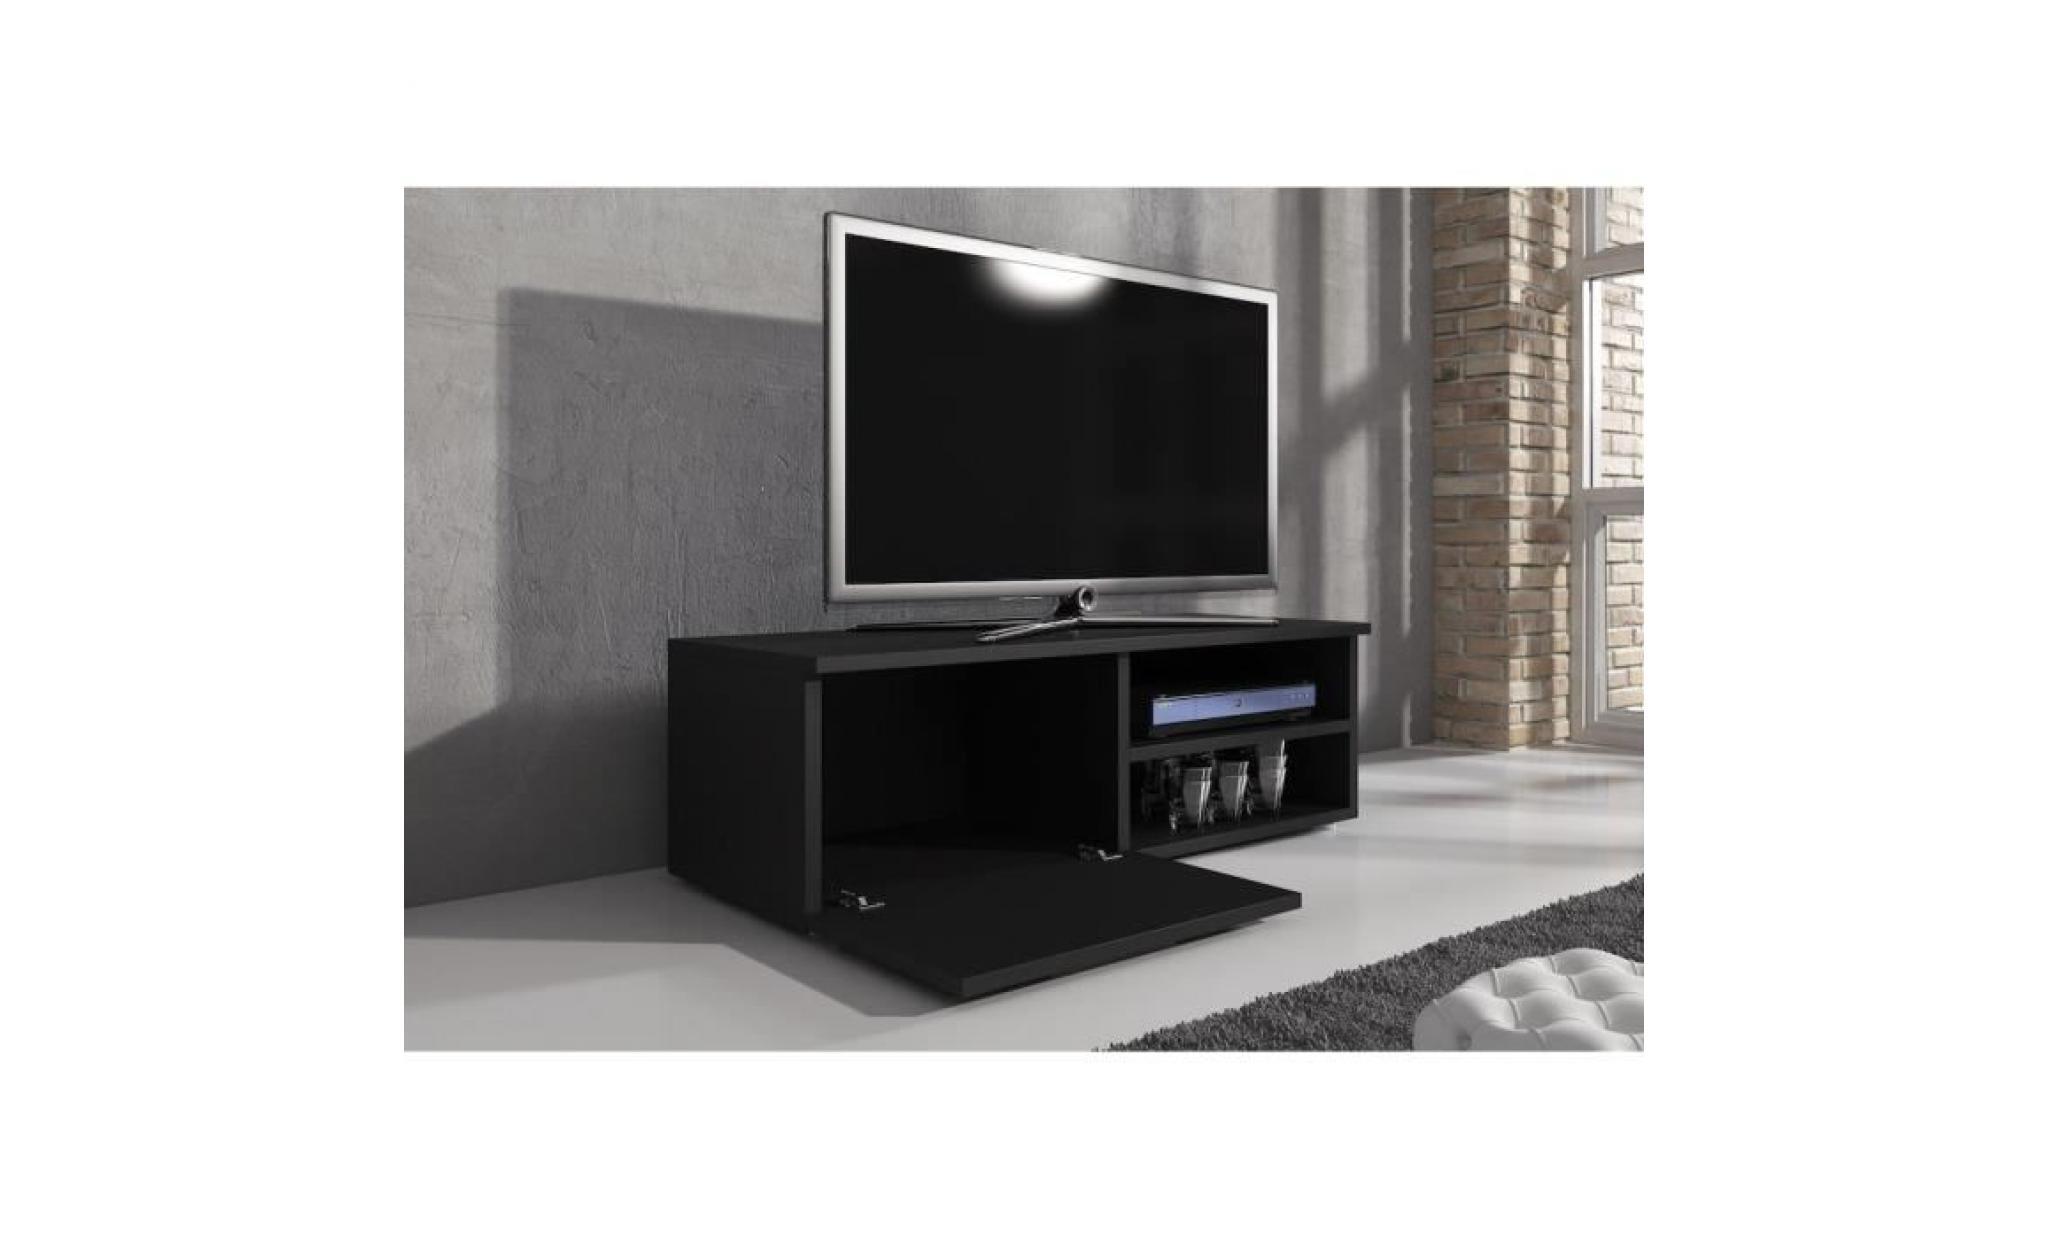 meuble tv 120 cm mdf noir mat achat vente meuble tv pas cher couleur et design fr